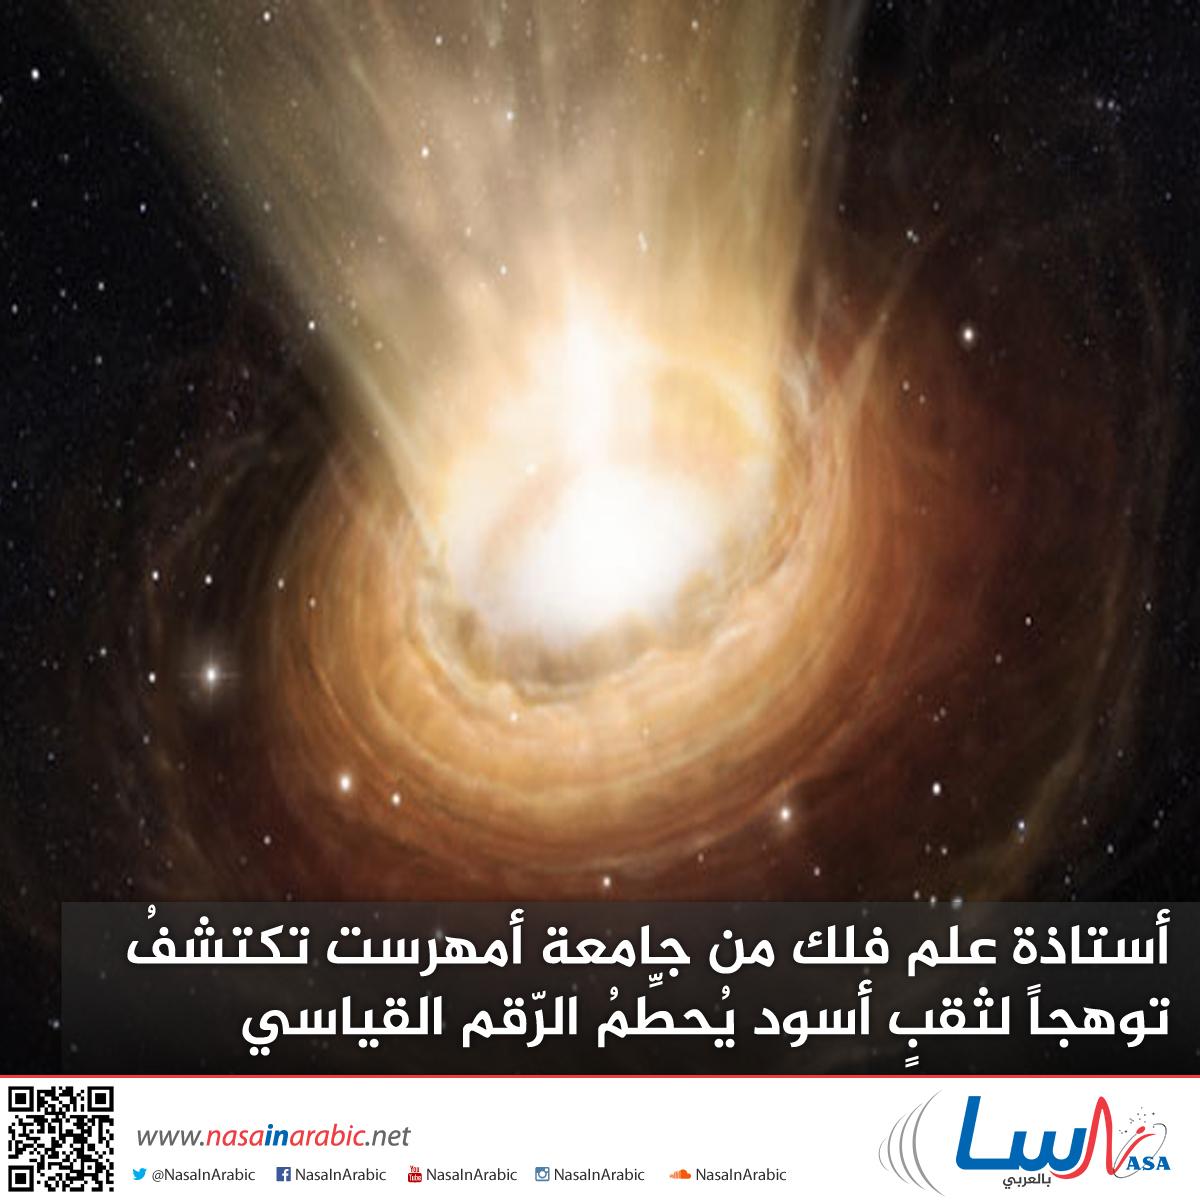 أستاذة علم فلك من جامعة أمهرست تكتشفُ توهجاً لثقبٍ أسود يُحطِّمُ الرّقم القياسي